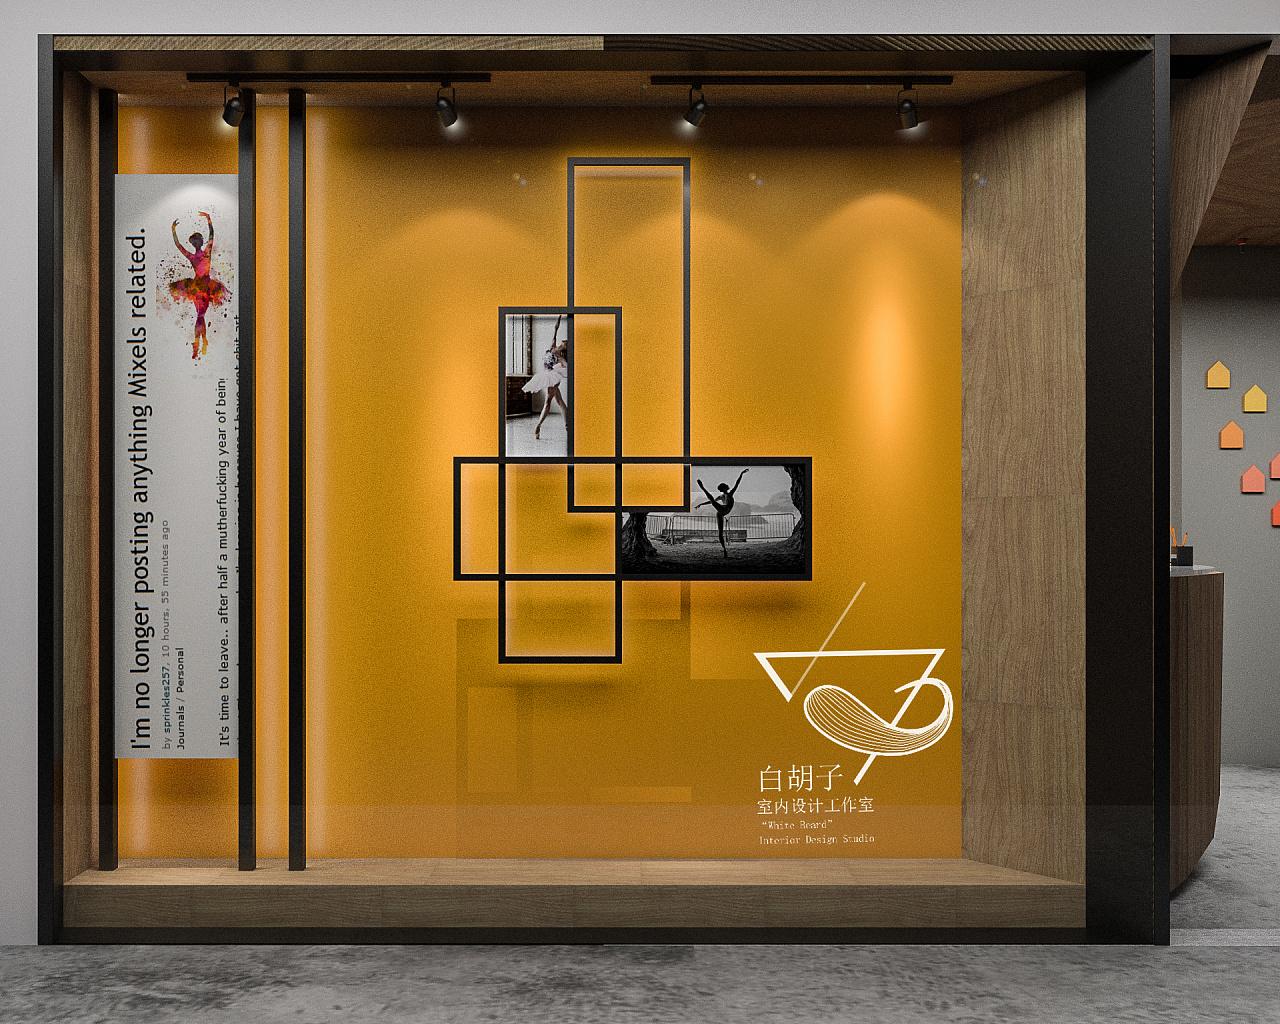 儿童艺术学校 空间 室内设计 白胡子室内设计 原创作品 站酷 Zcool